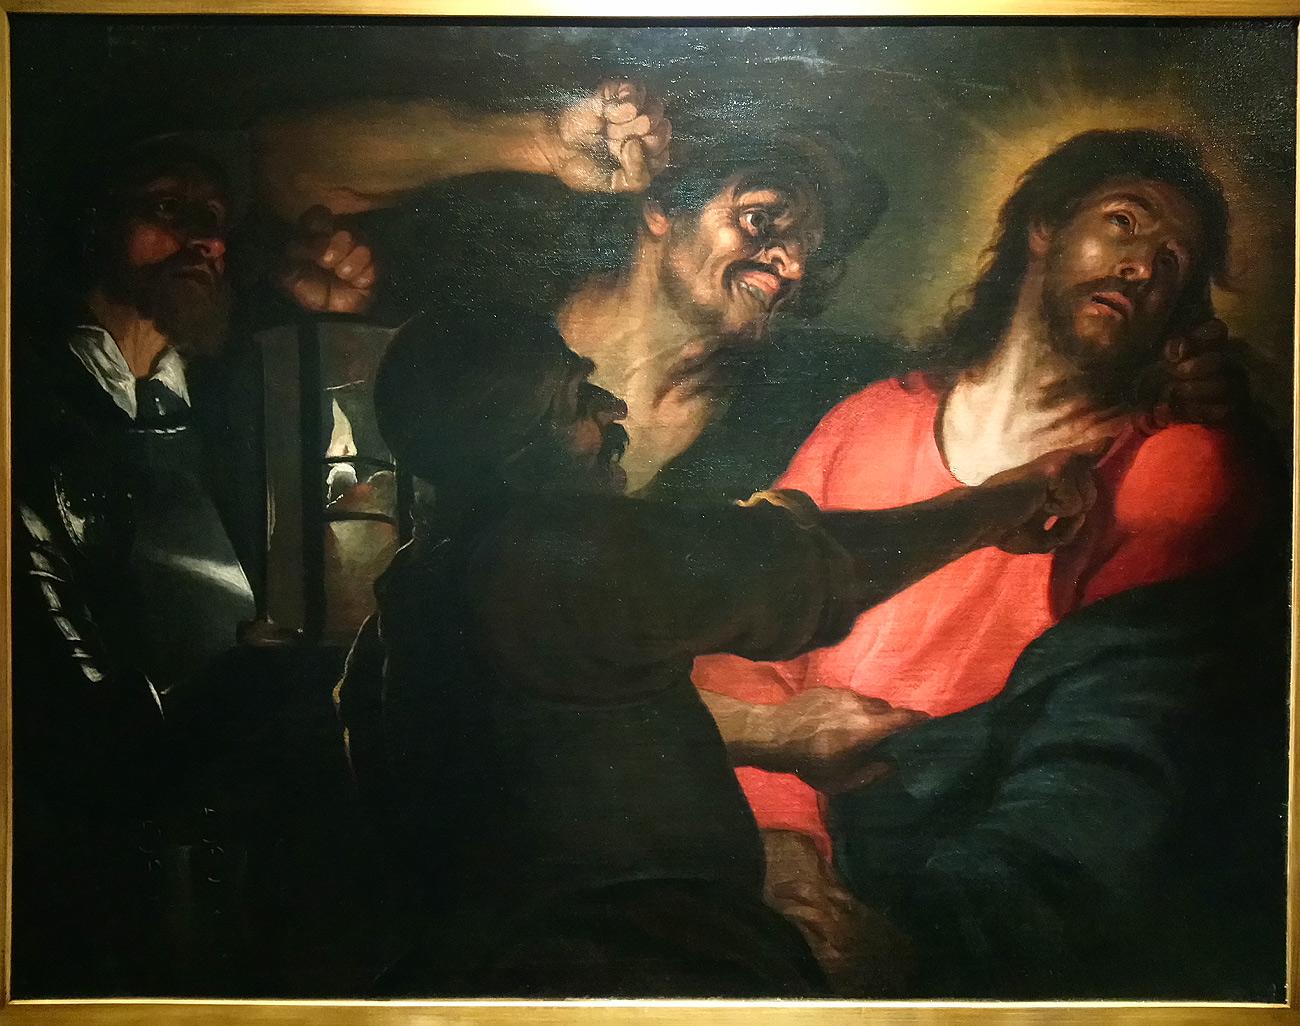 Giovanni Domenico Cappellino, Cristo deriso (1605-1610 circa; olio su tela, 128 x 103 cm; Genova, Musei di Strada Nuova, Palazzo Bianco)